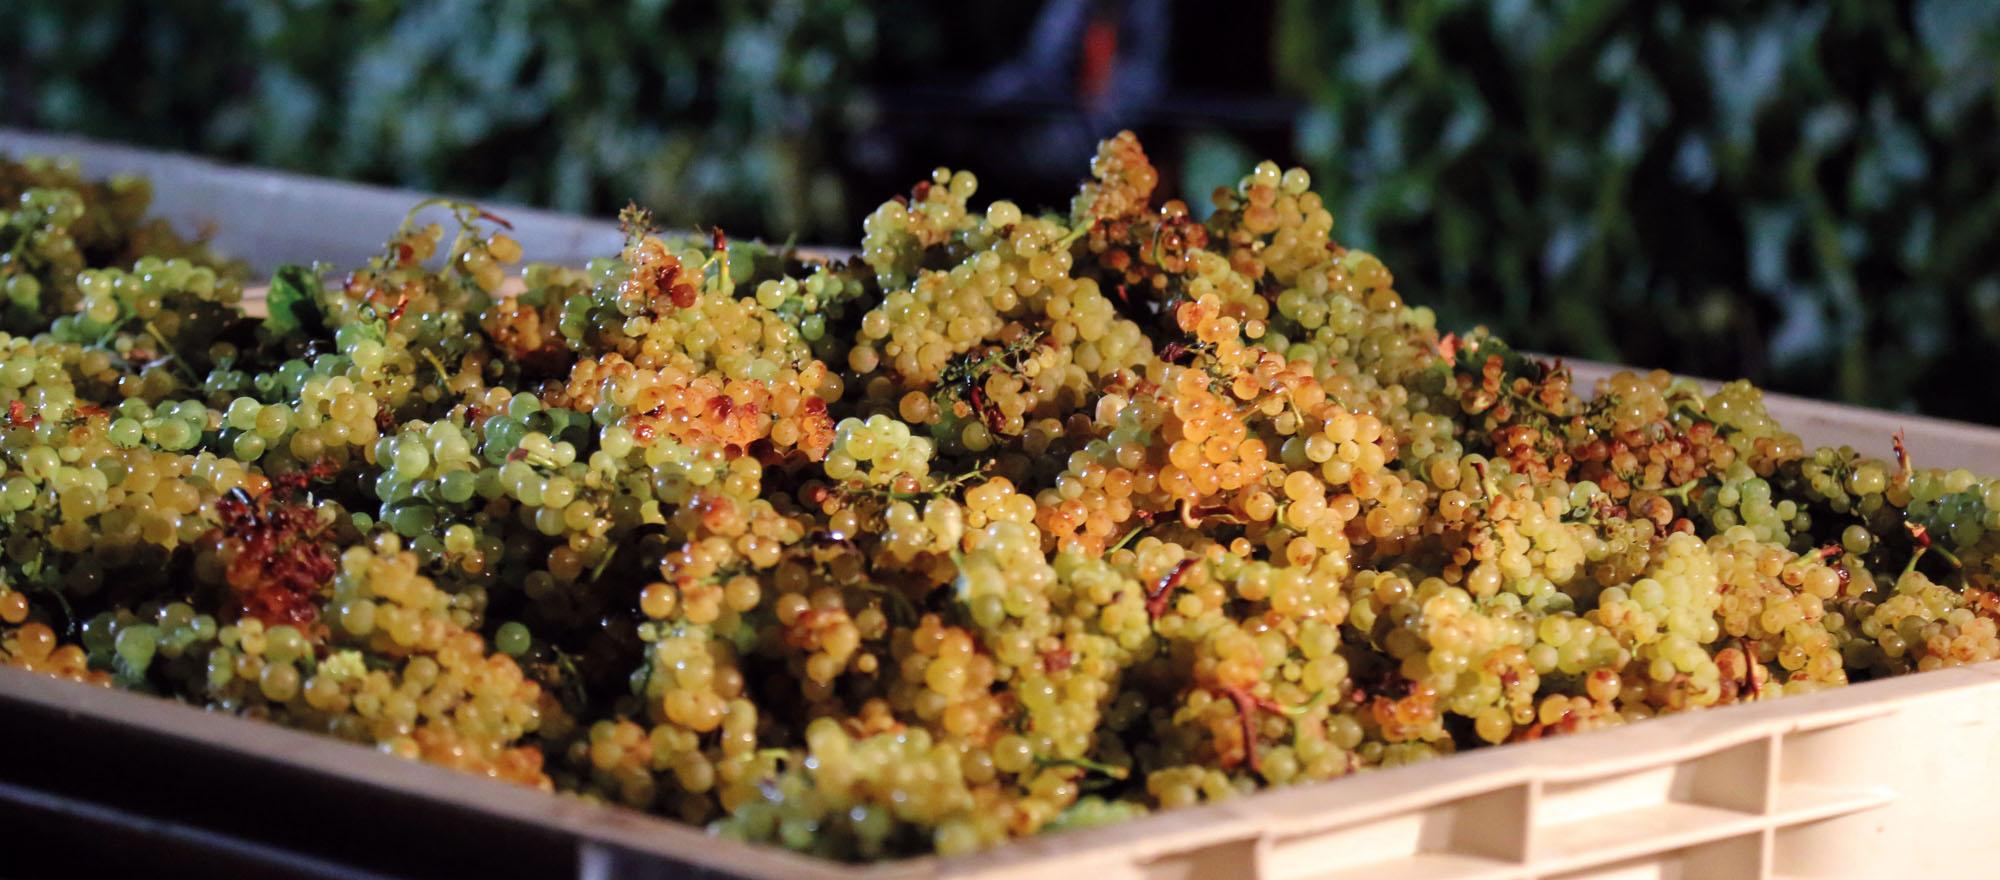 chardonnay raffinata freschezza